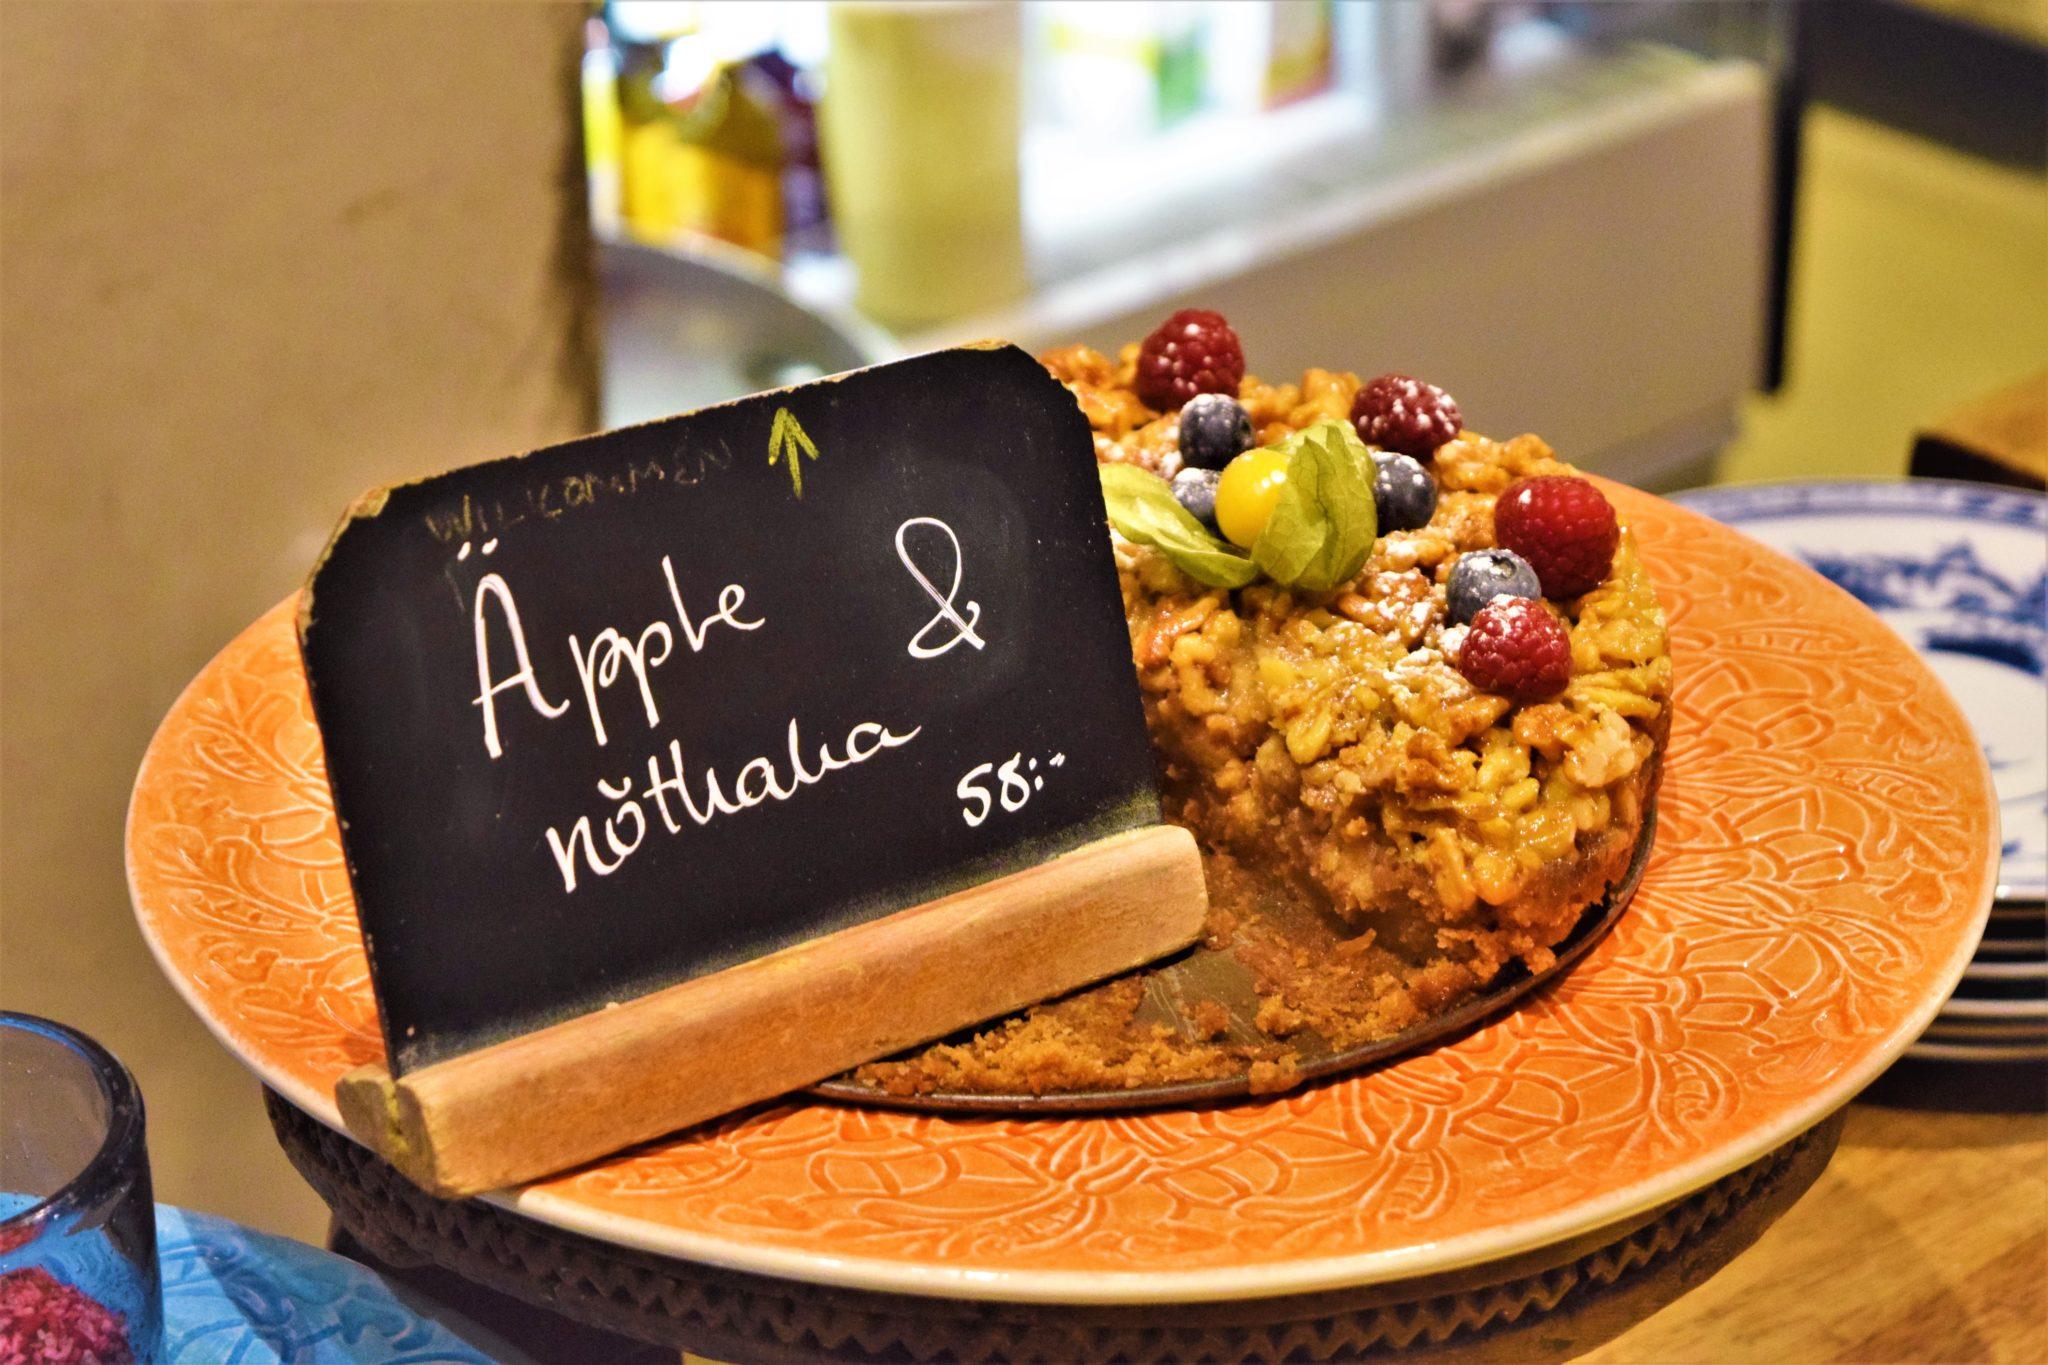 Vegen desserts, stockholm, sweden